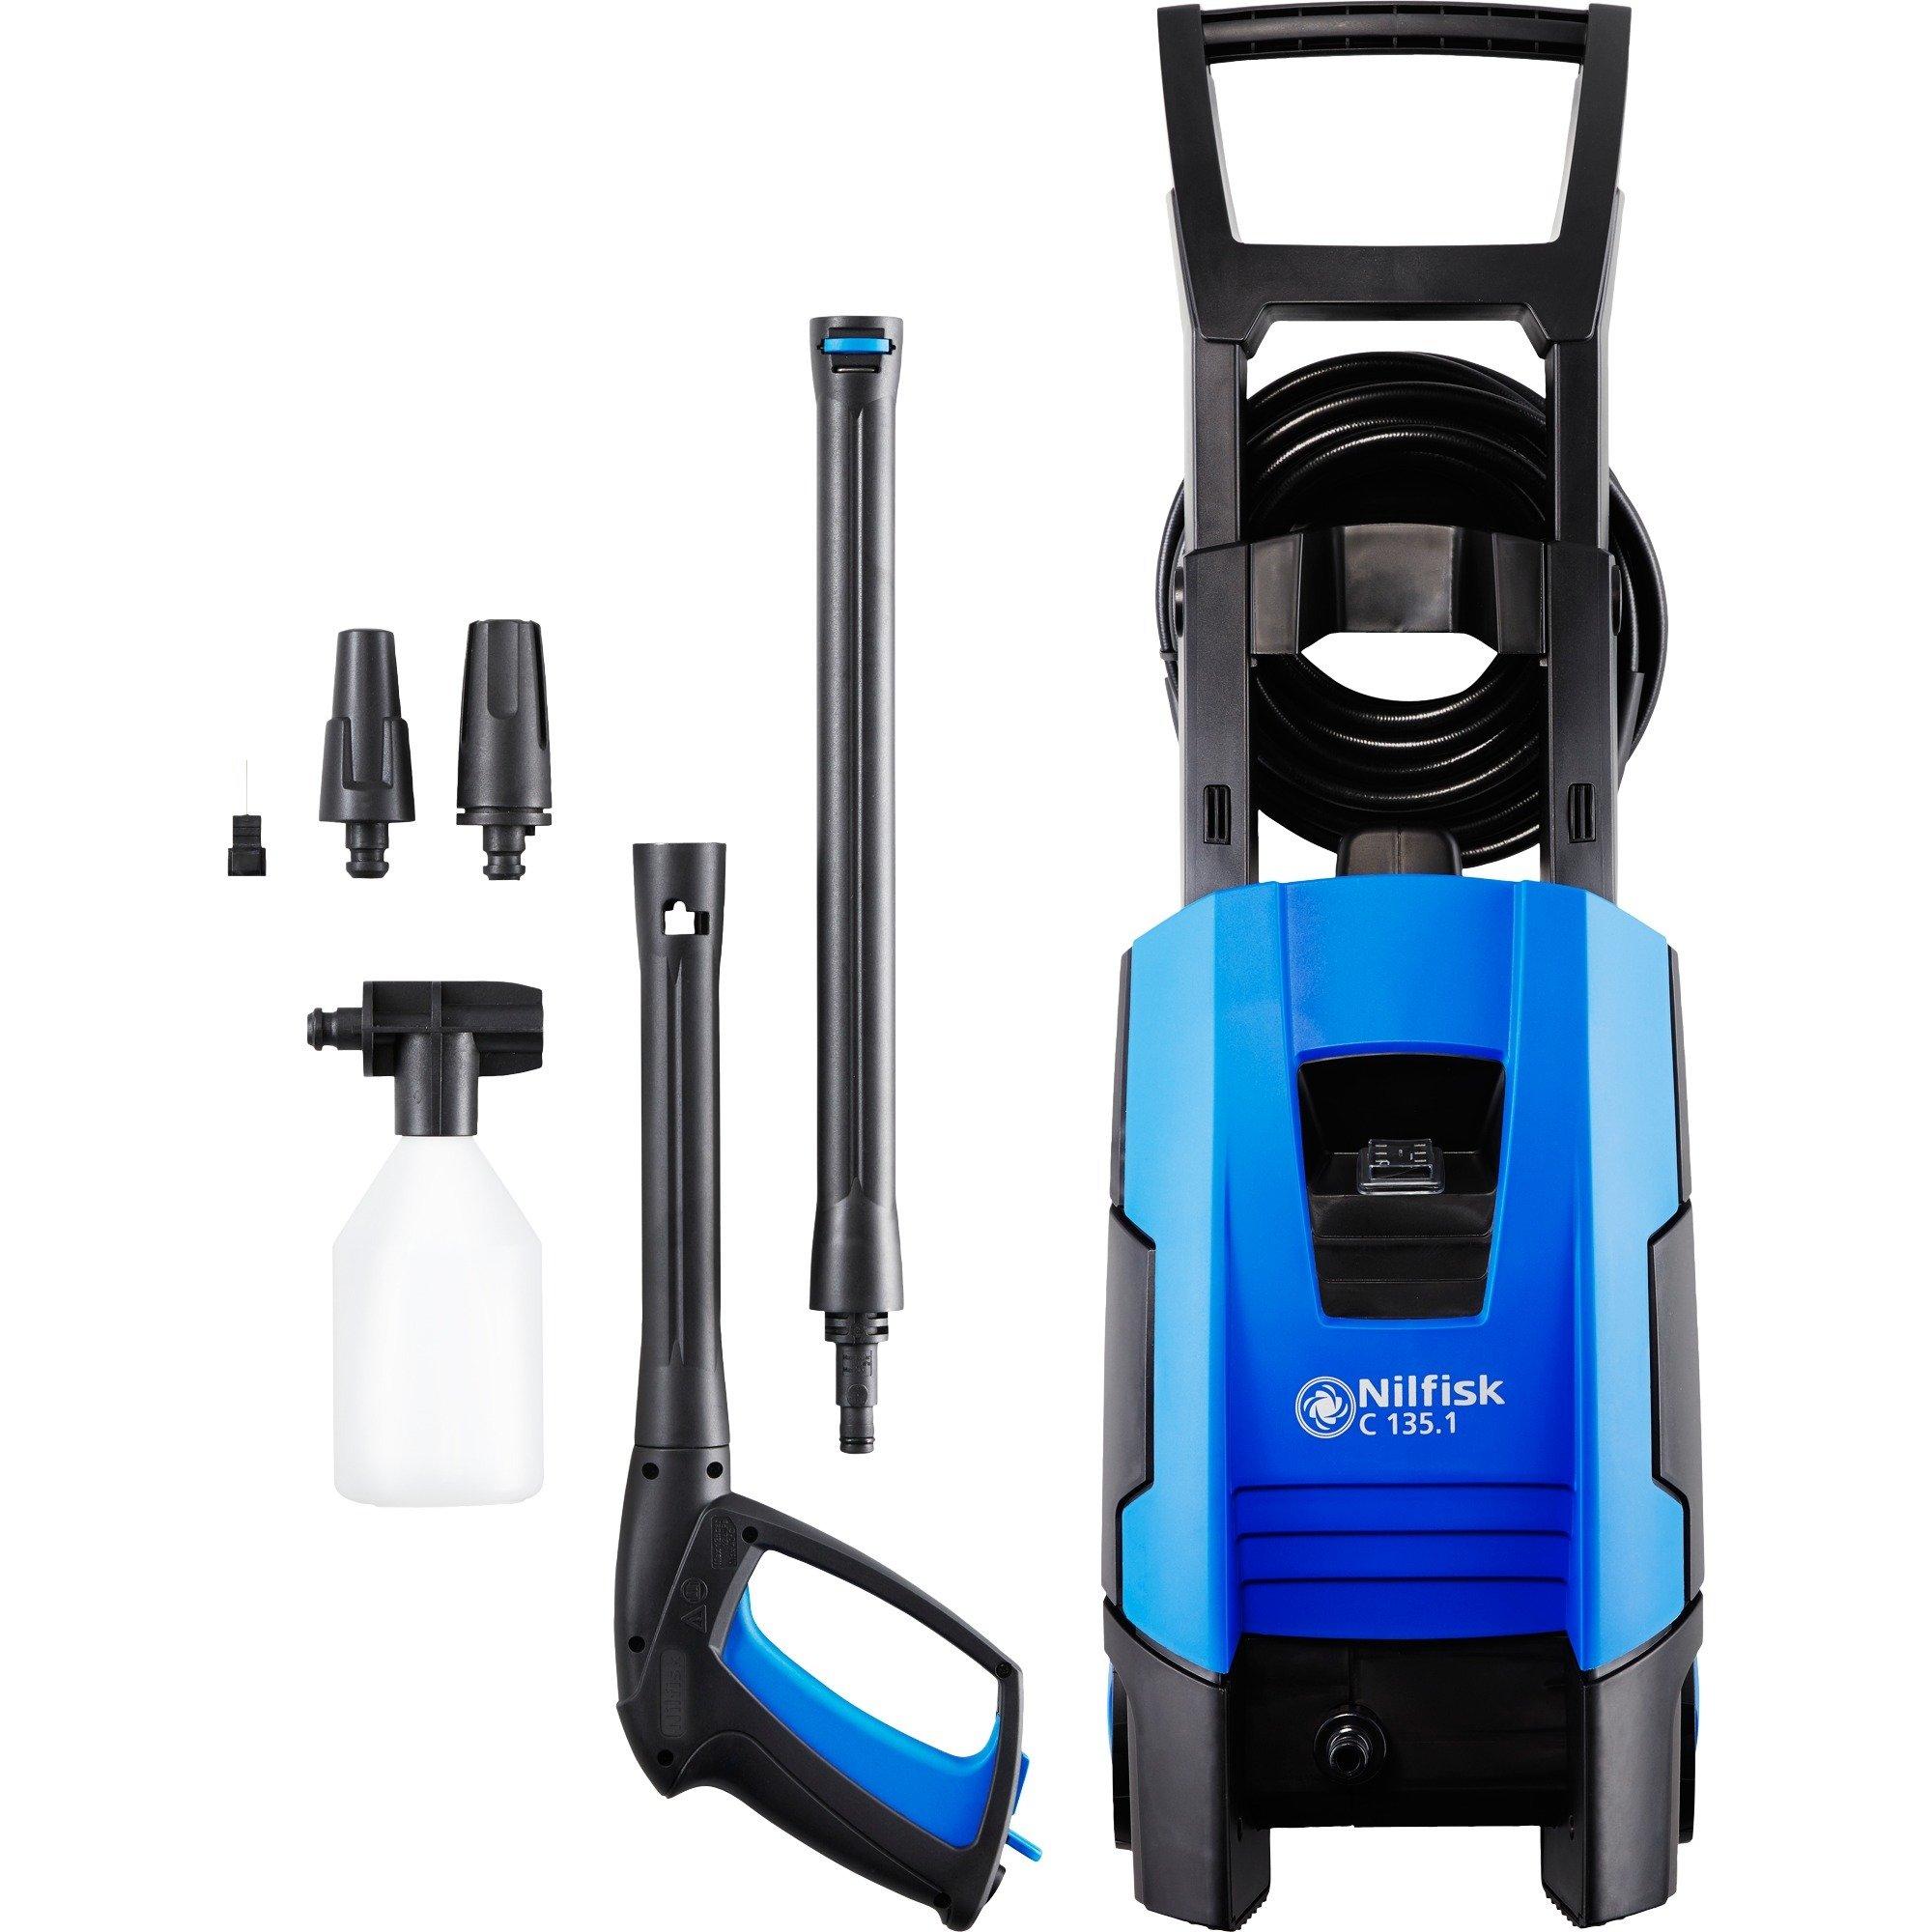 C 135.1 Limpiadora de alta presión o Hidrolimpiadora Compacto Eléctrico Negro, Azul 520 l/h 7800 W, Hidrolimpiadora de alta presión